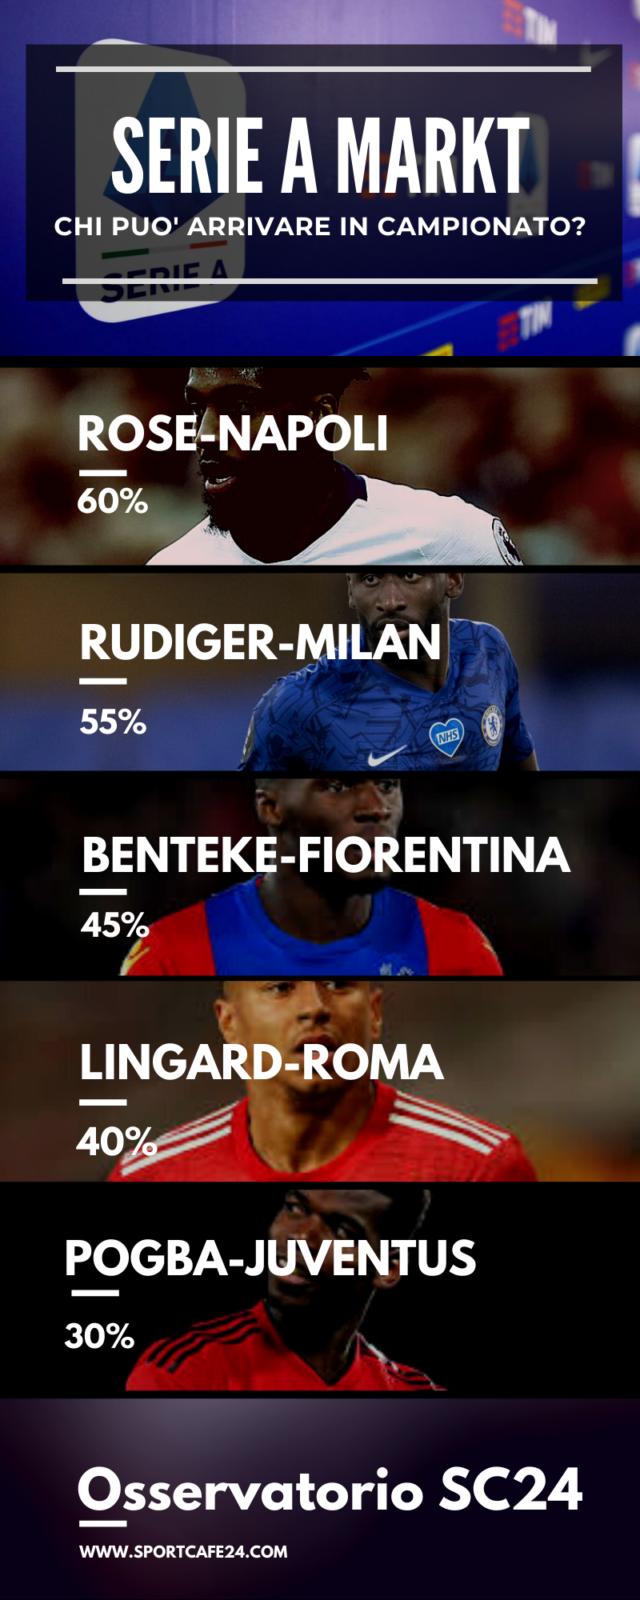 Pogba torna alla Juventus?